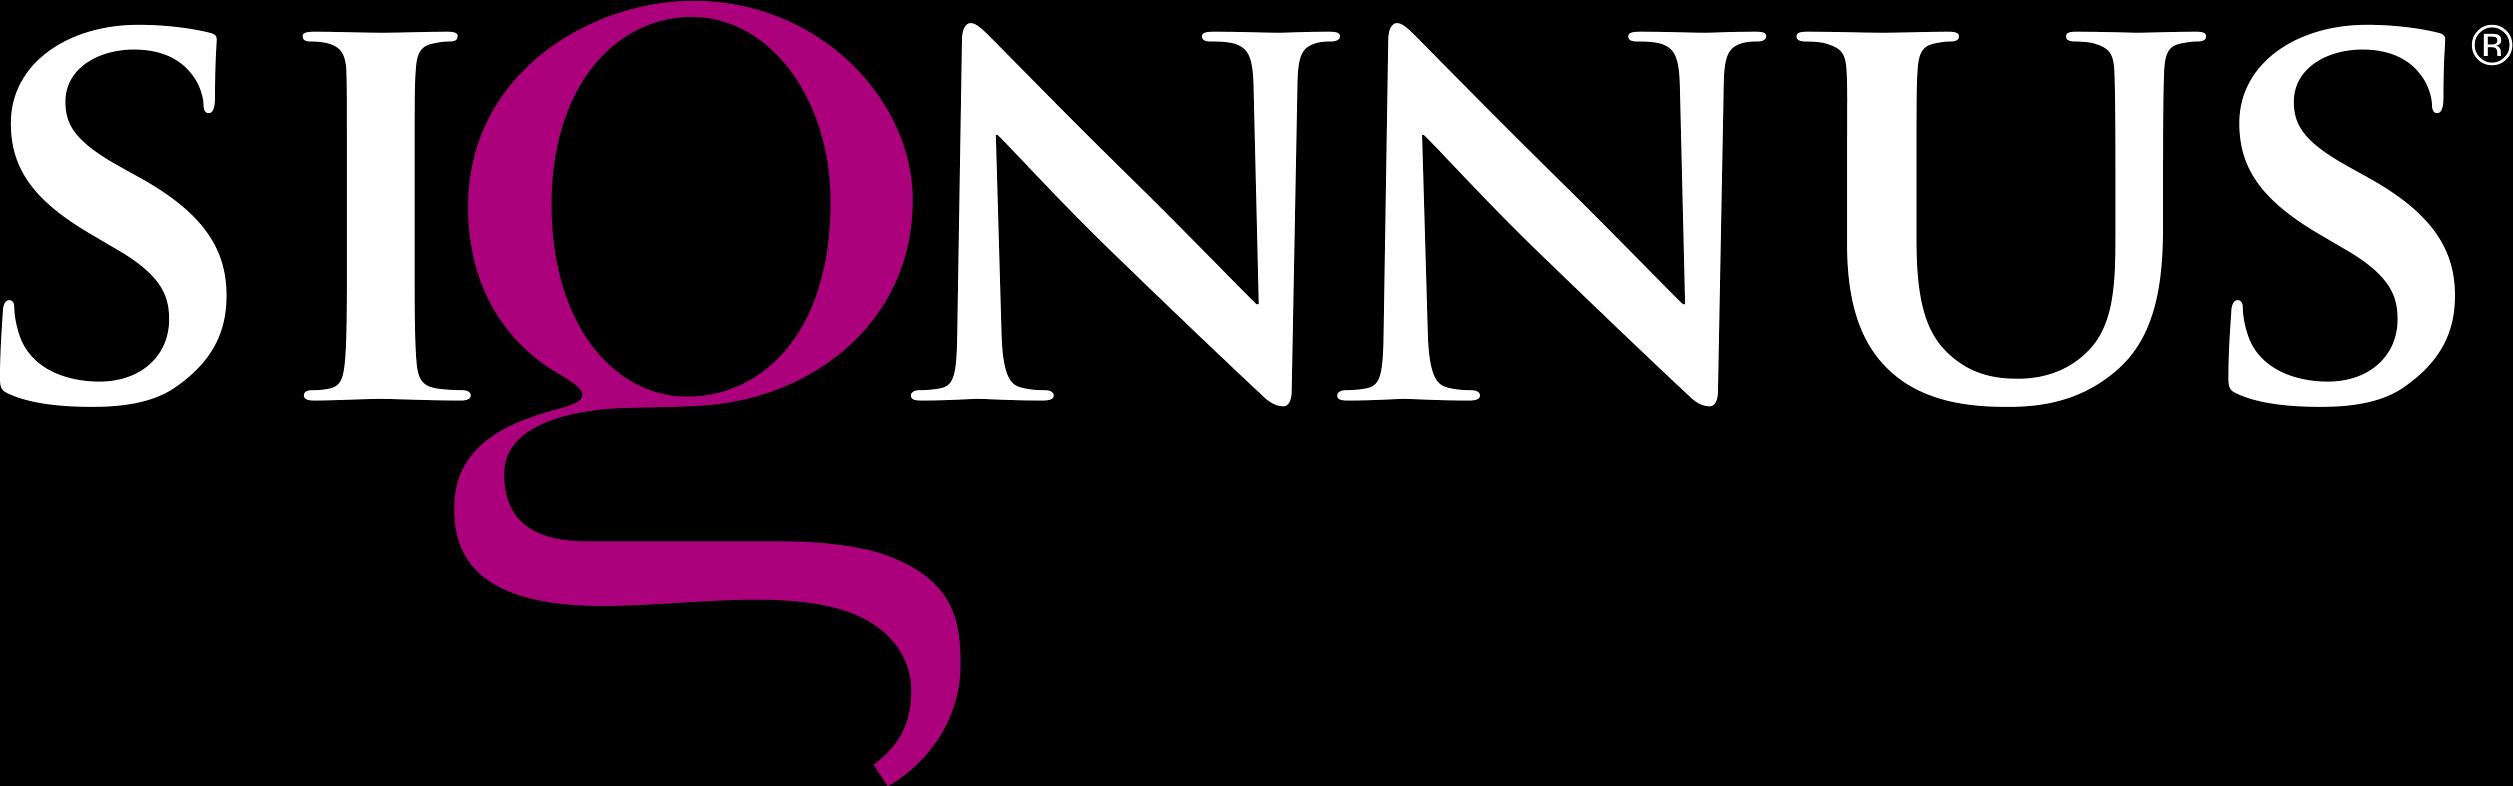 signnus